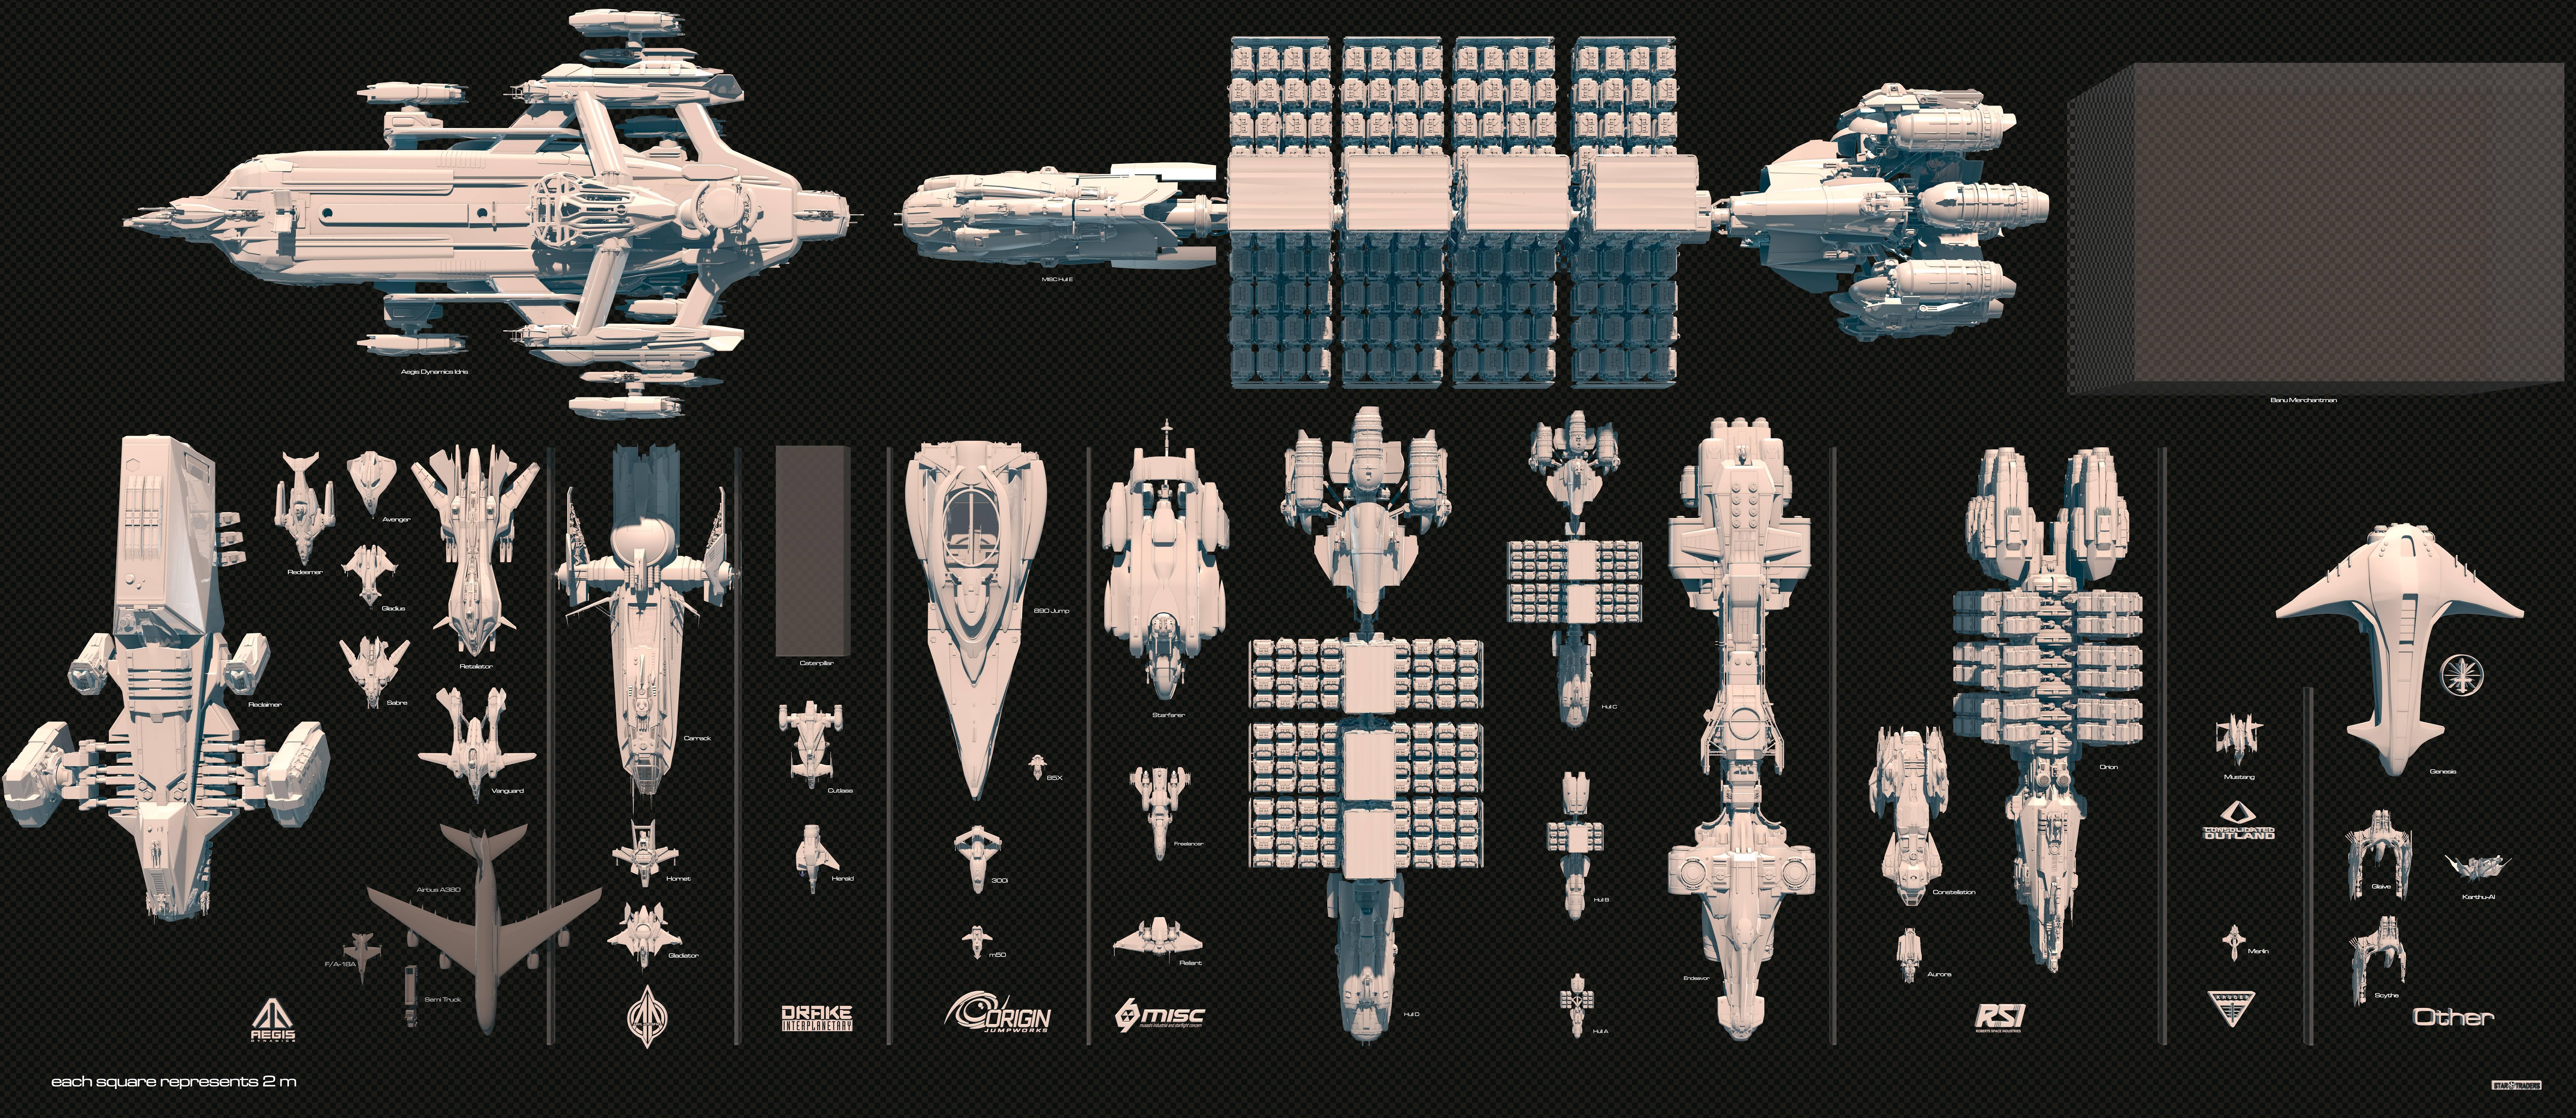 star citizenship comparison - photo #10